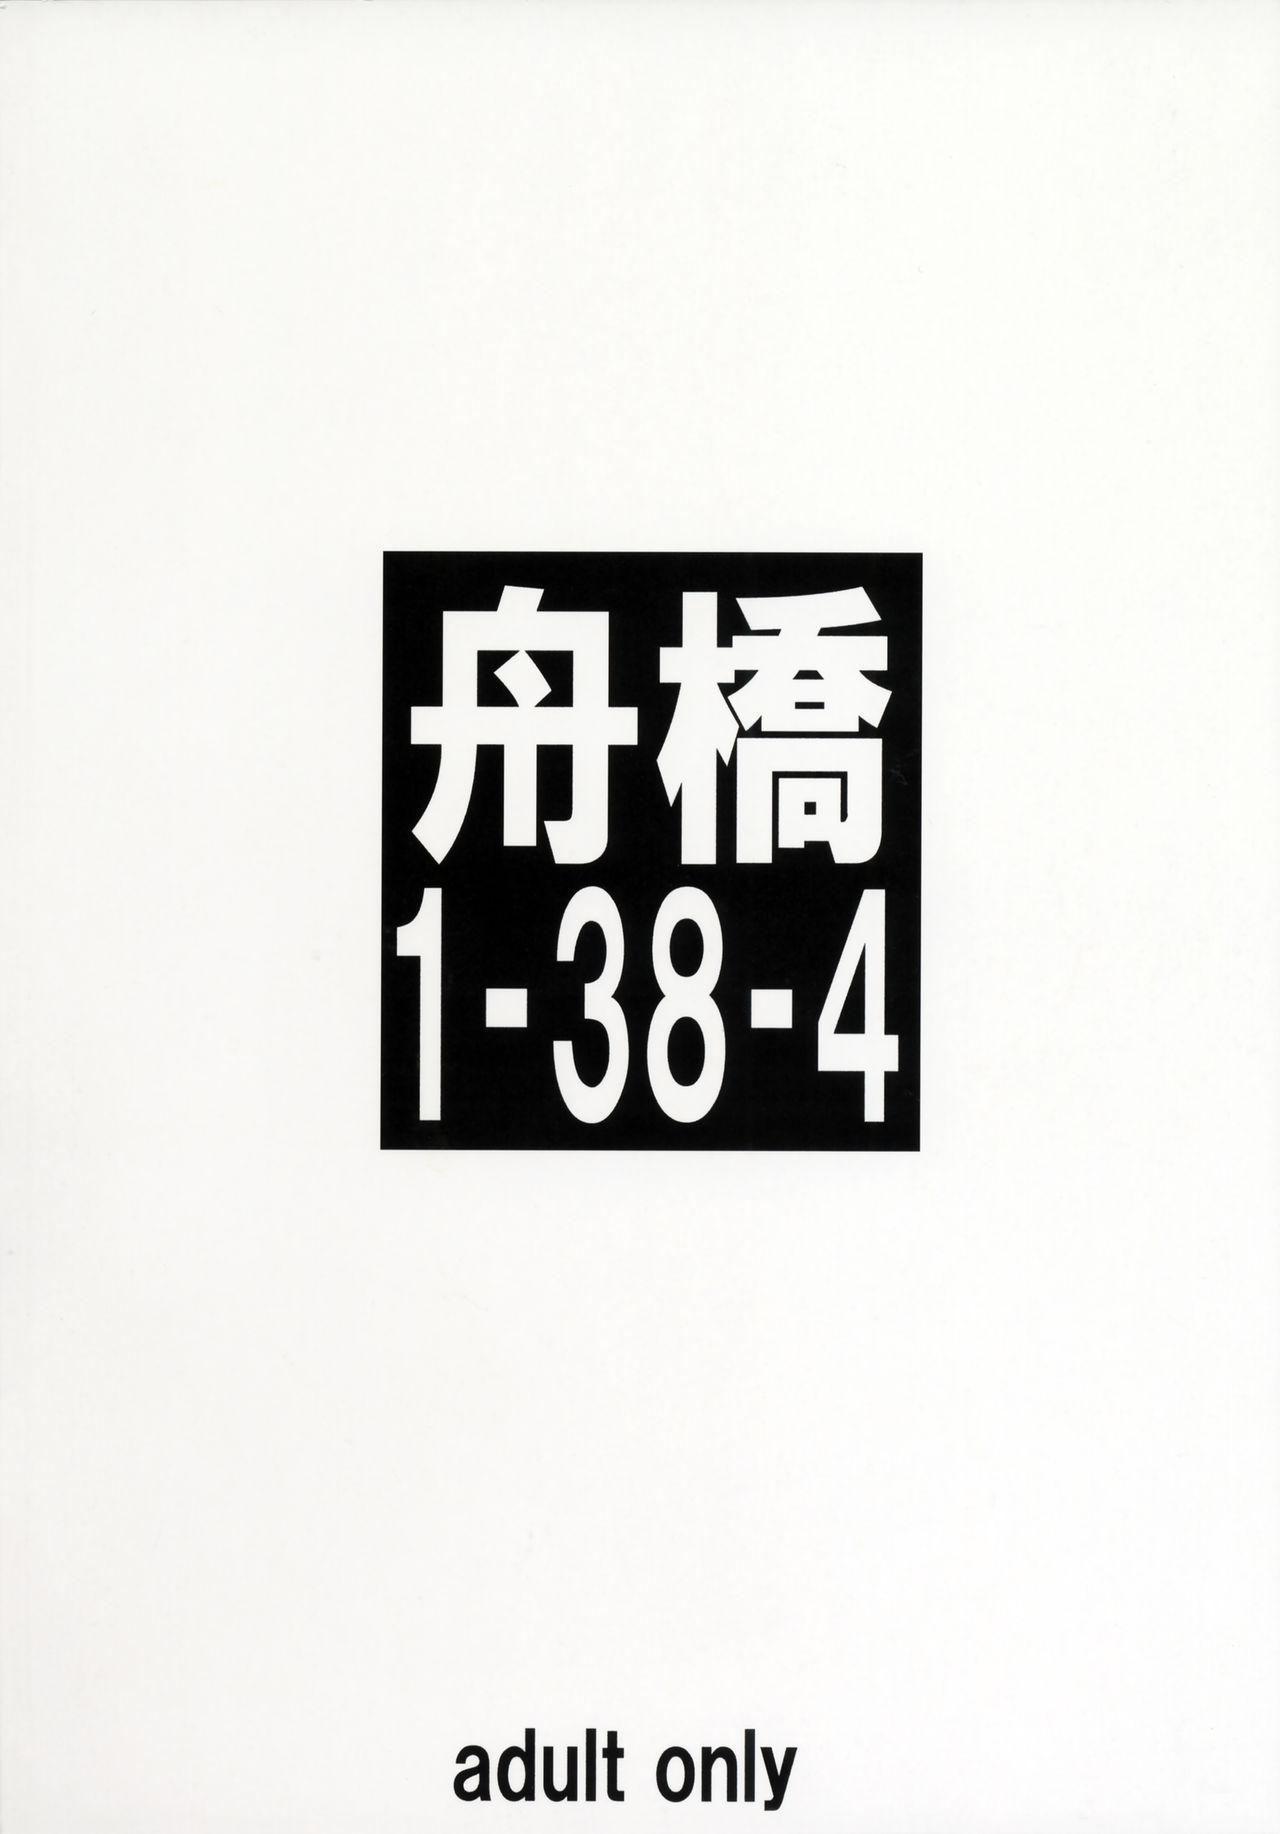 (C90) [Tairikukan Dandoudan Dan (Sakura Romako)] Funabashi1-38-4 21